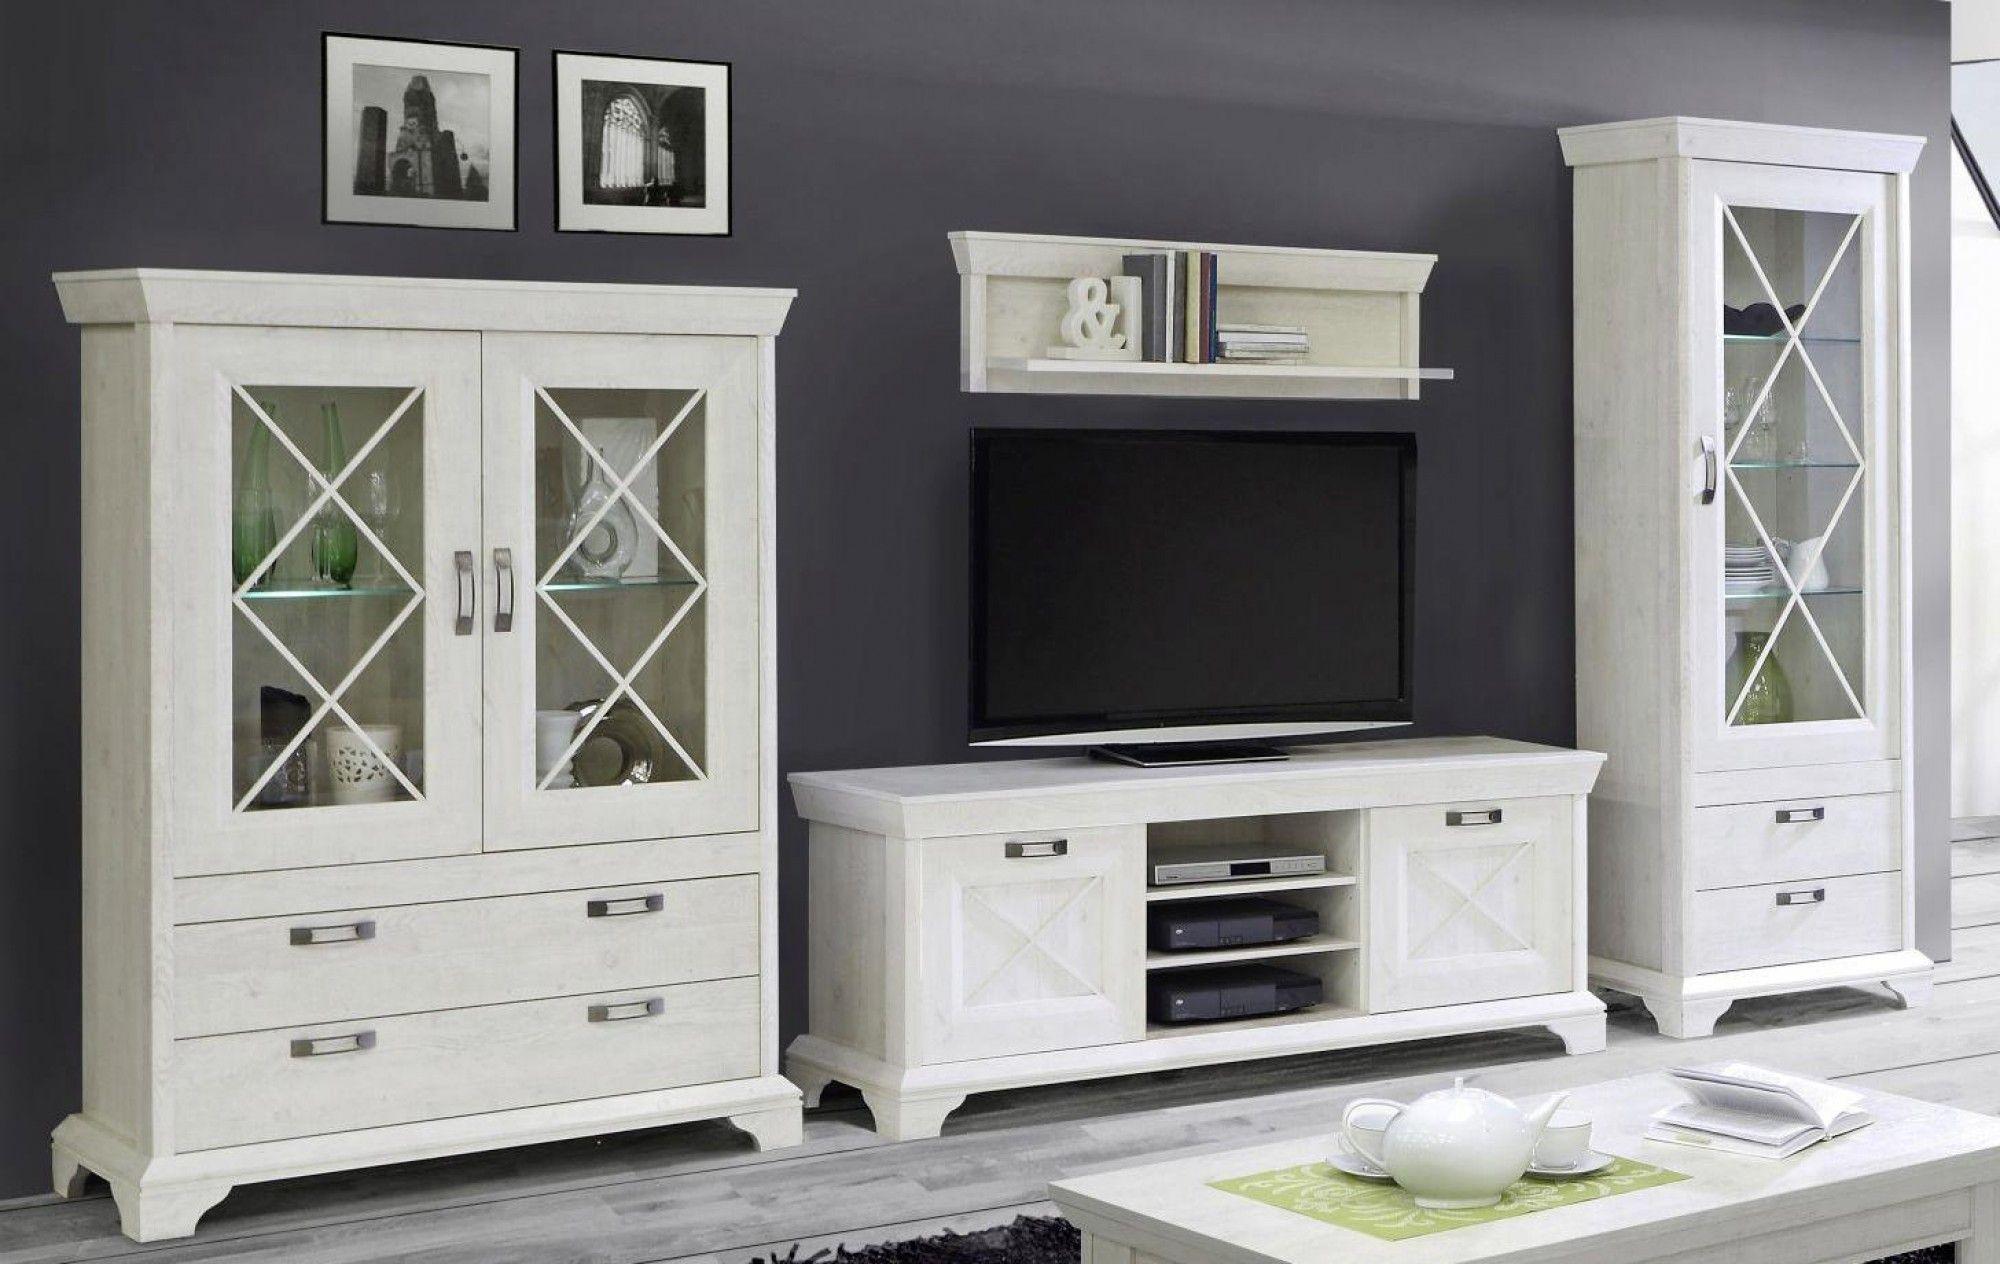 lowboard kashmir einrichtungsideen pinterest wohnzimmer barschr nke und tv schrank. Black Bedroom Furniture Sets. Home Design Ideas